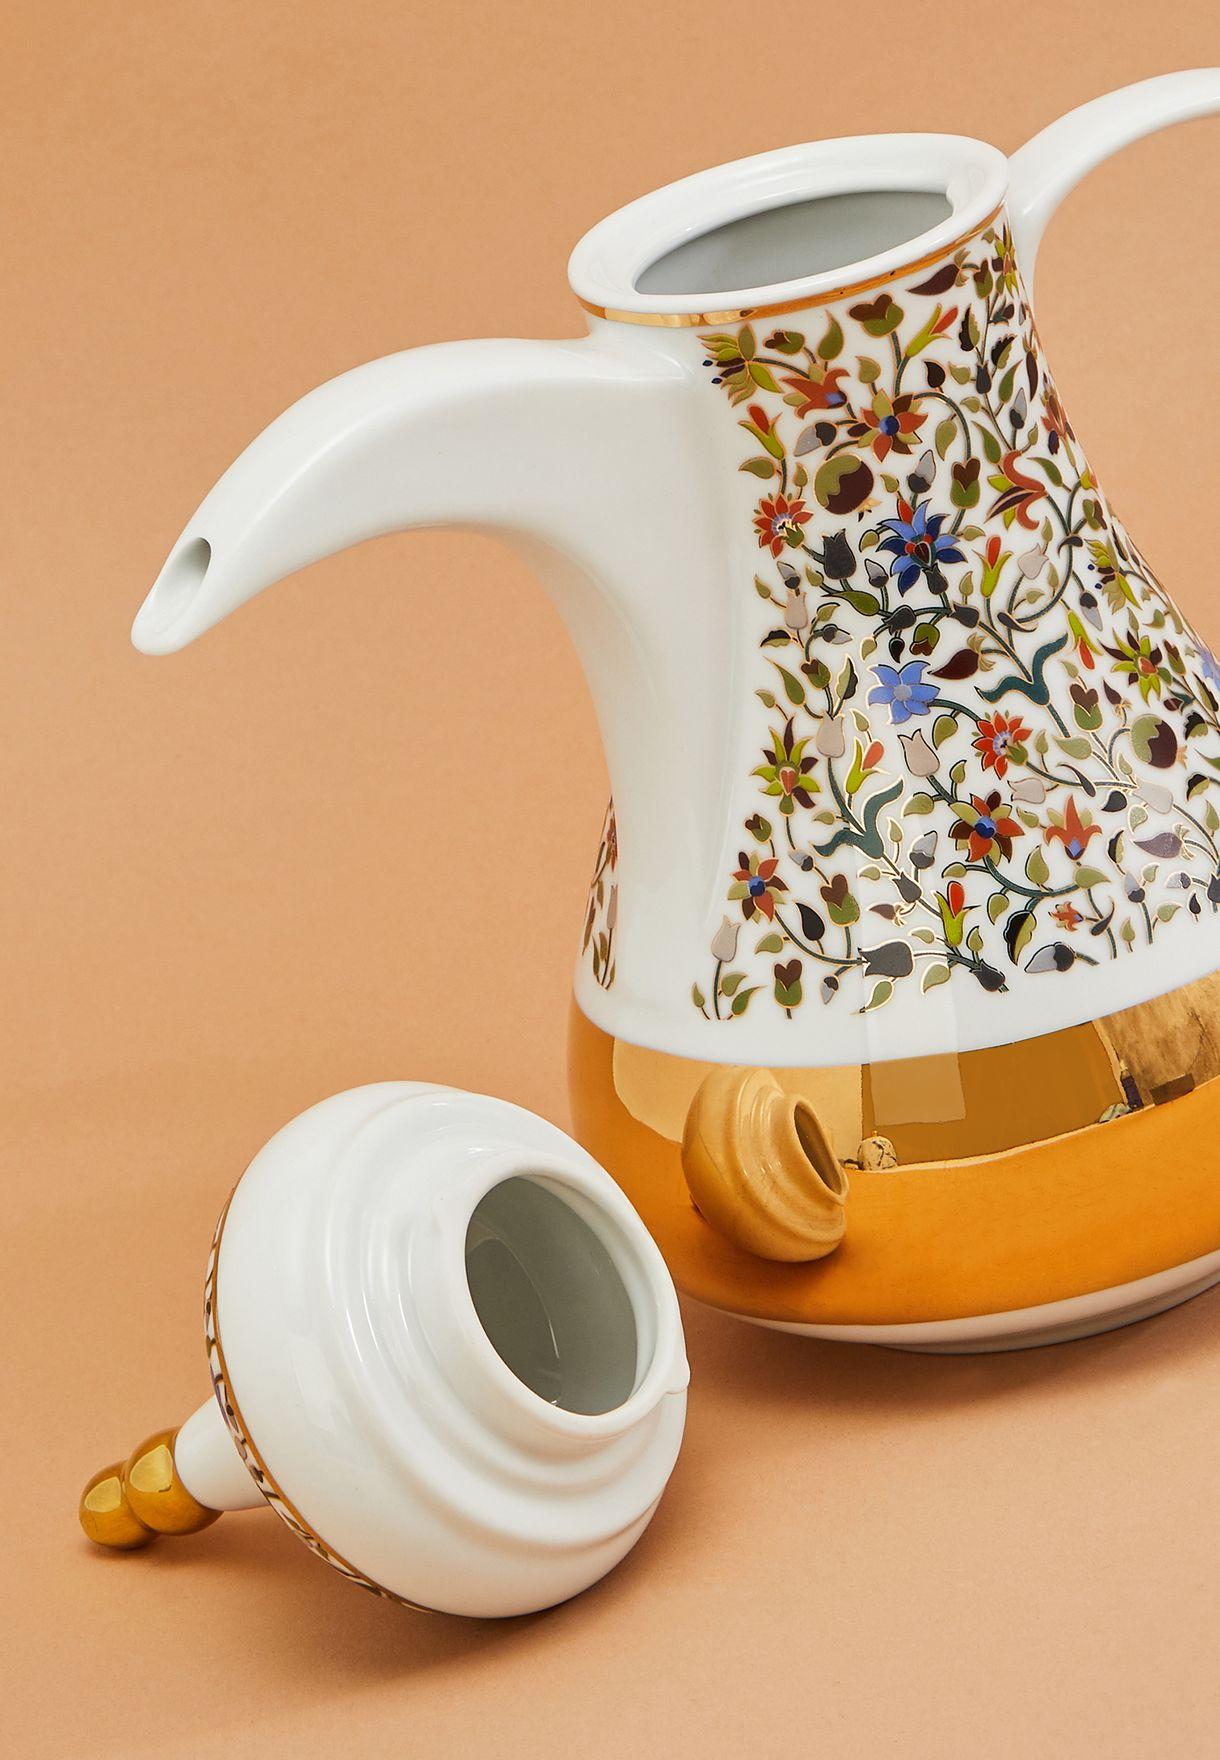 Majestic Arabic Coffee Dallah